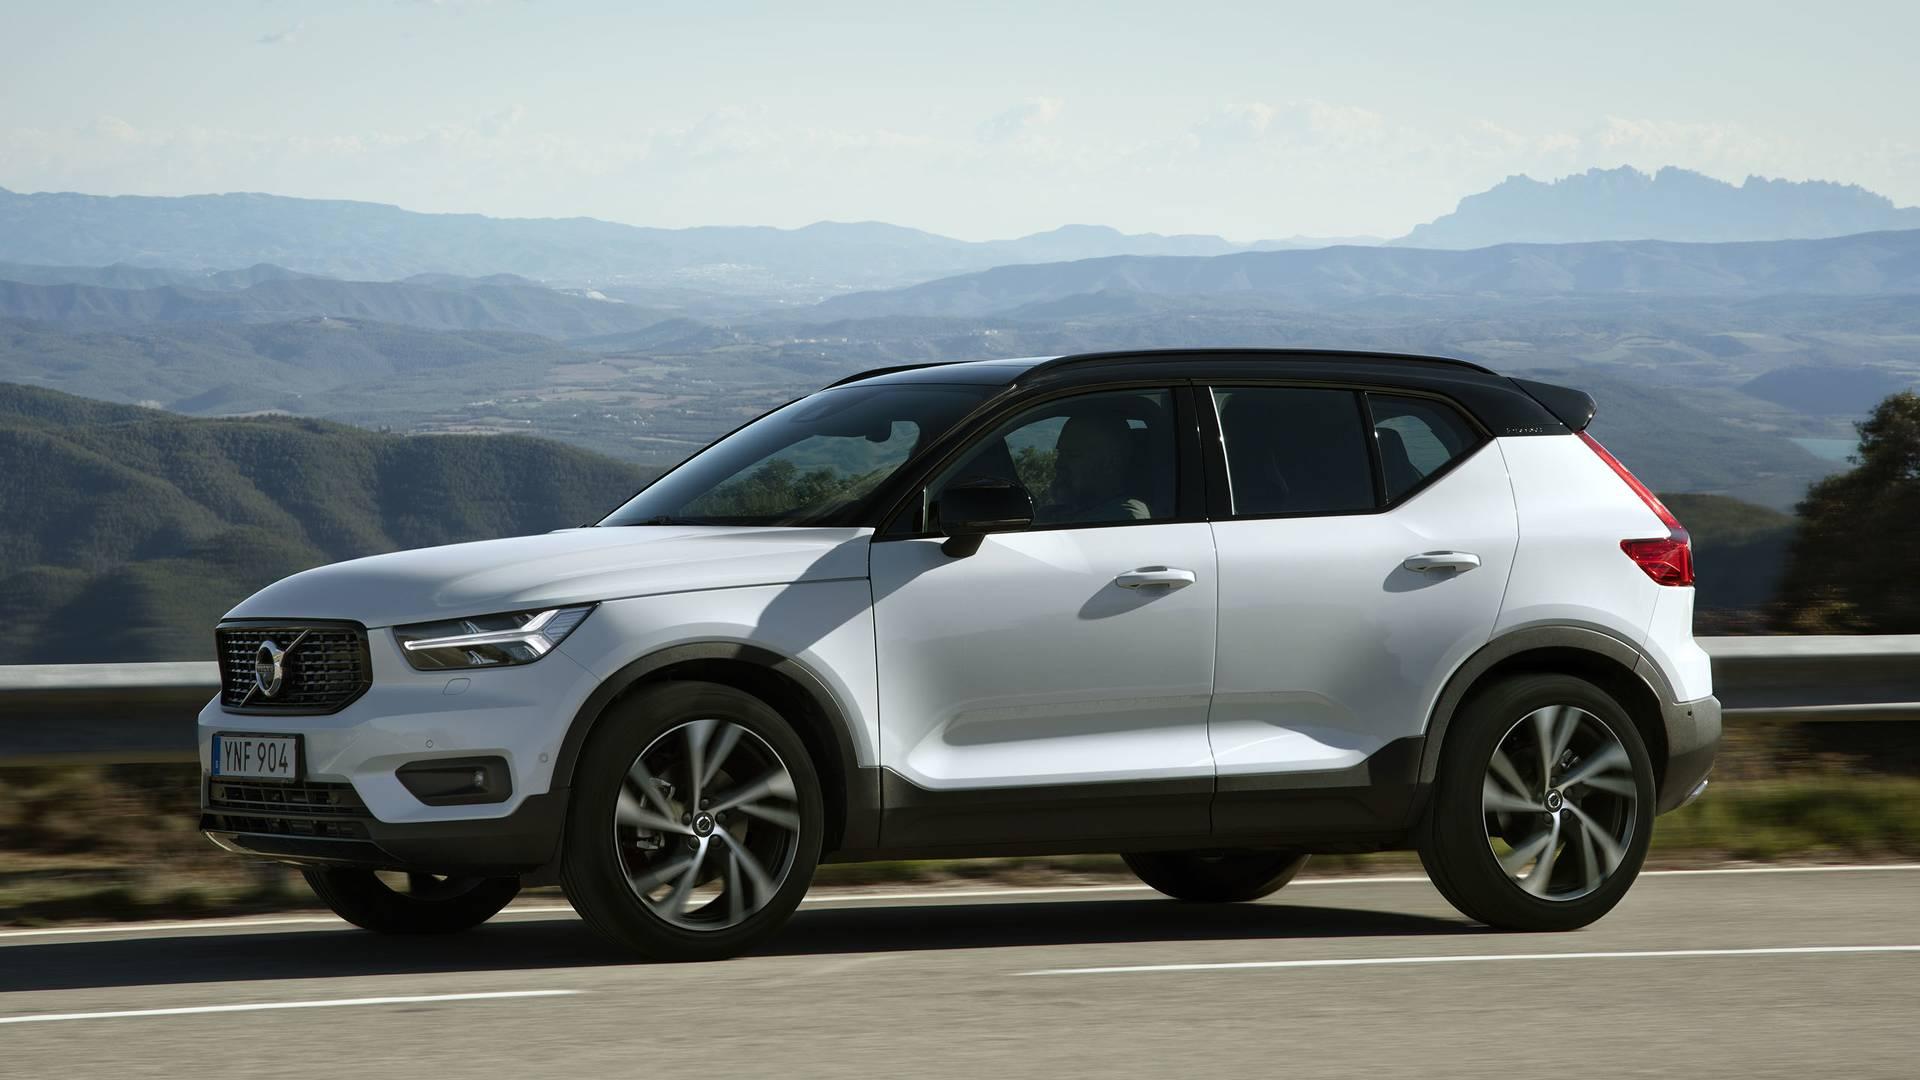 5 خودروی شاسی بلند 2019 که ارزش صبر کردن برای خرید را دارند.(+تصاویر)